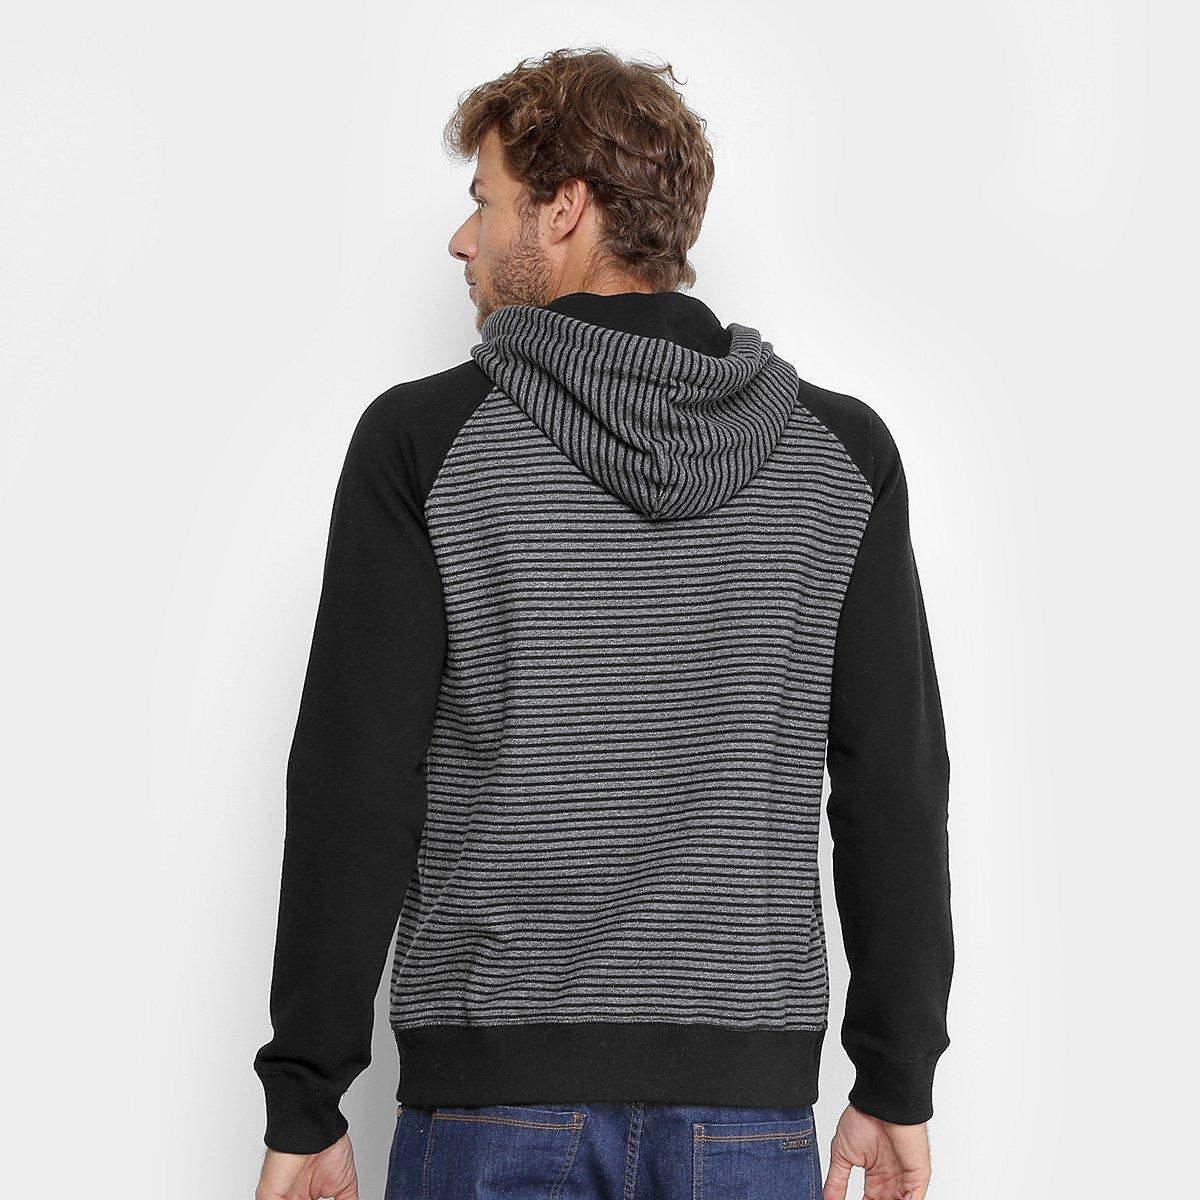 Moletom Quiksilver Especial Stripes Hood Masculino  Moletom Quiksilver  Especial Stripes Hood Masculino ... eb5ea08d30